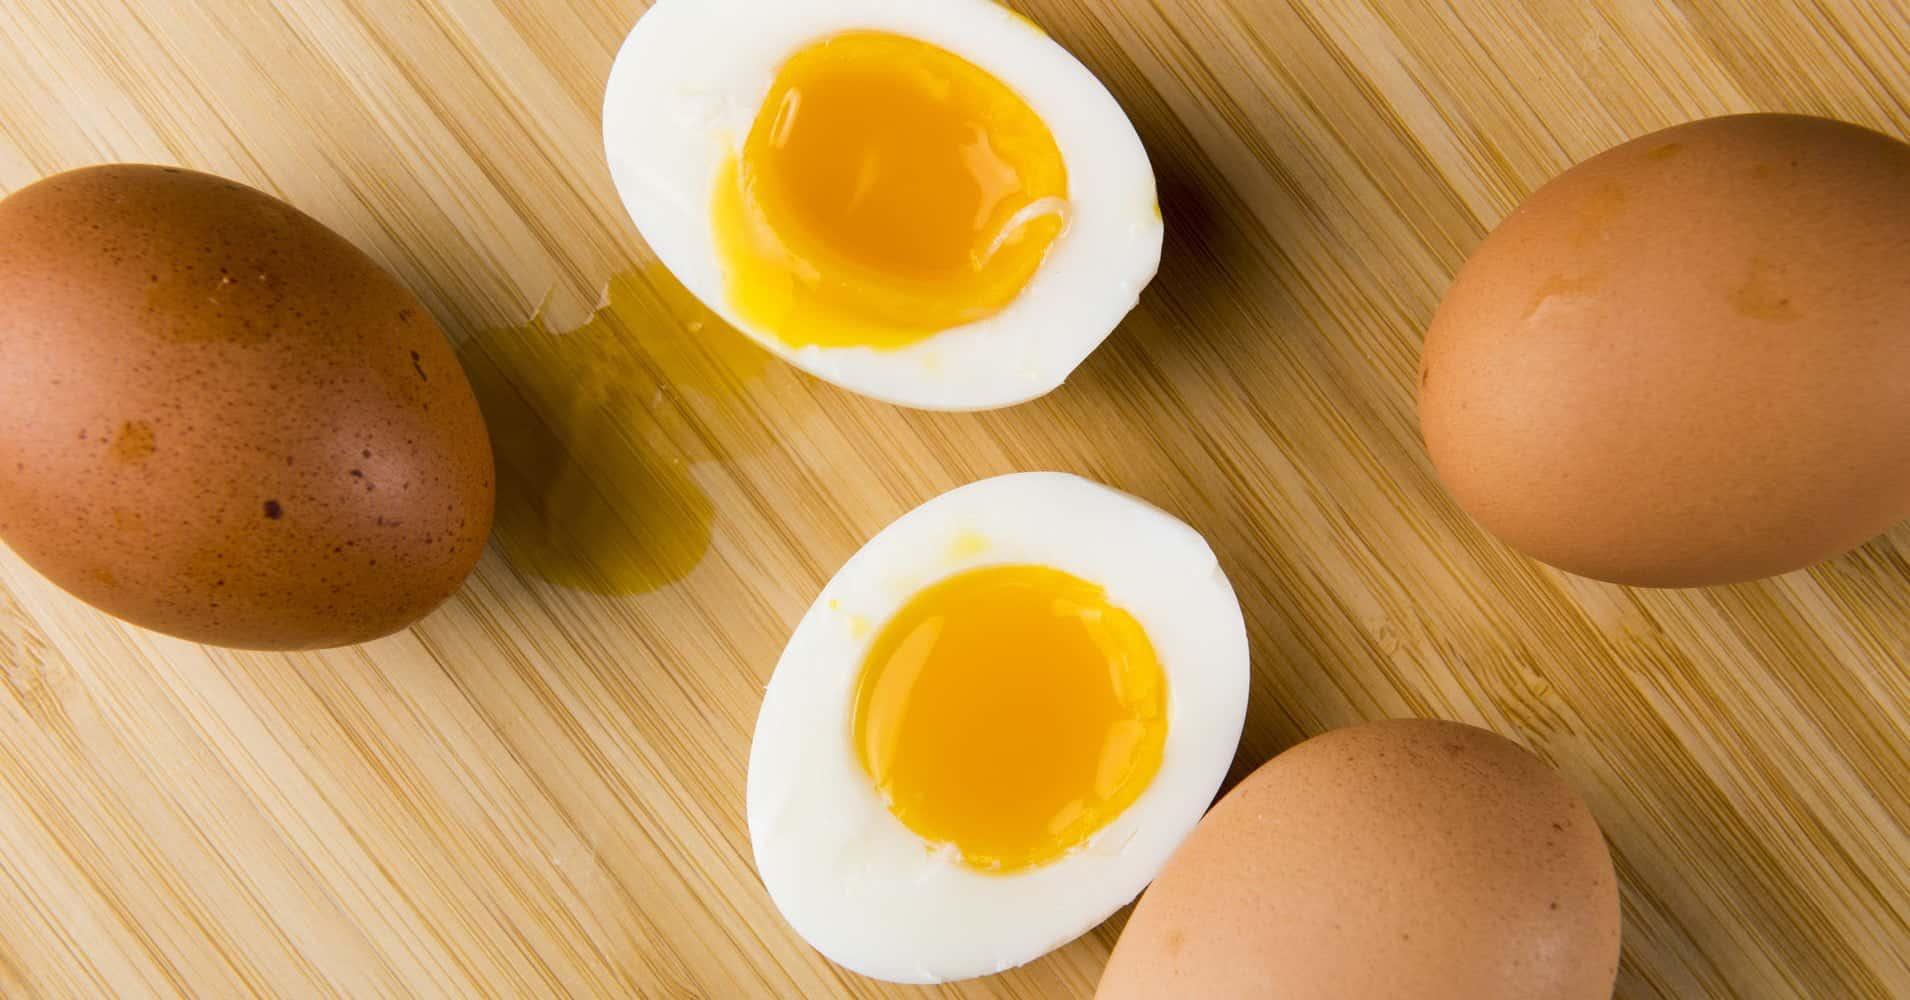 hamilelikte yumurta zararlari Hamilelikte Uzak Durulması Gereken Yiyecek Ve İçecekler